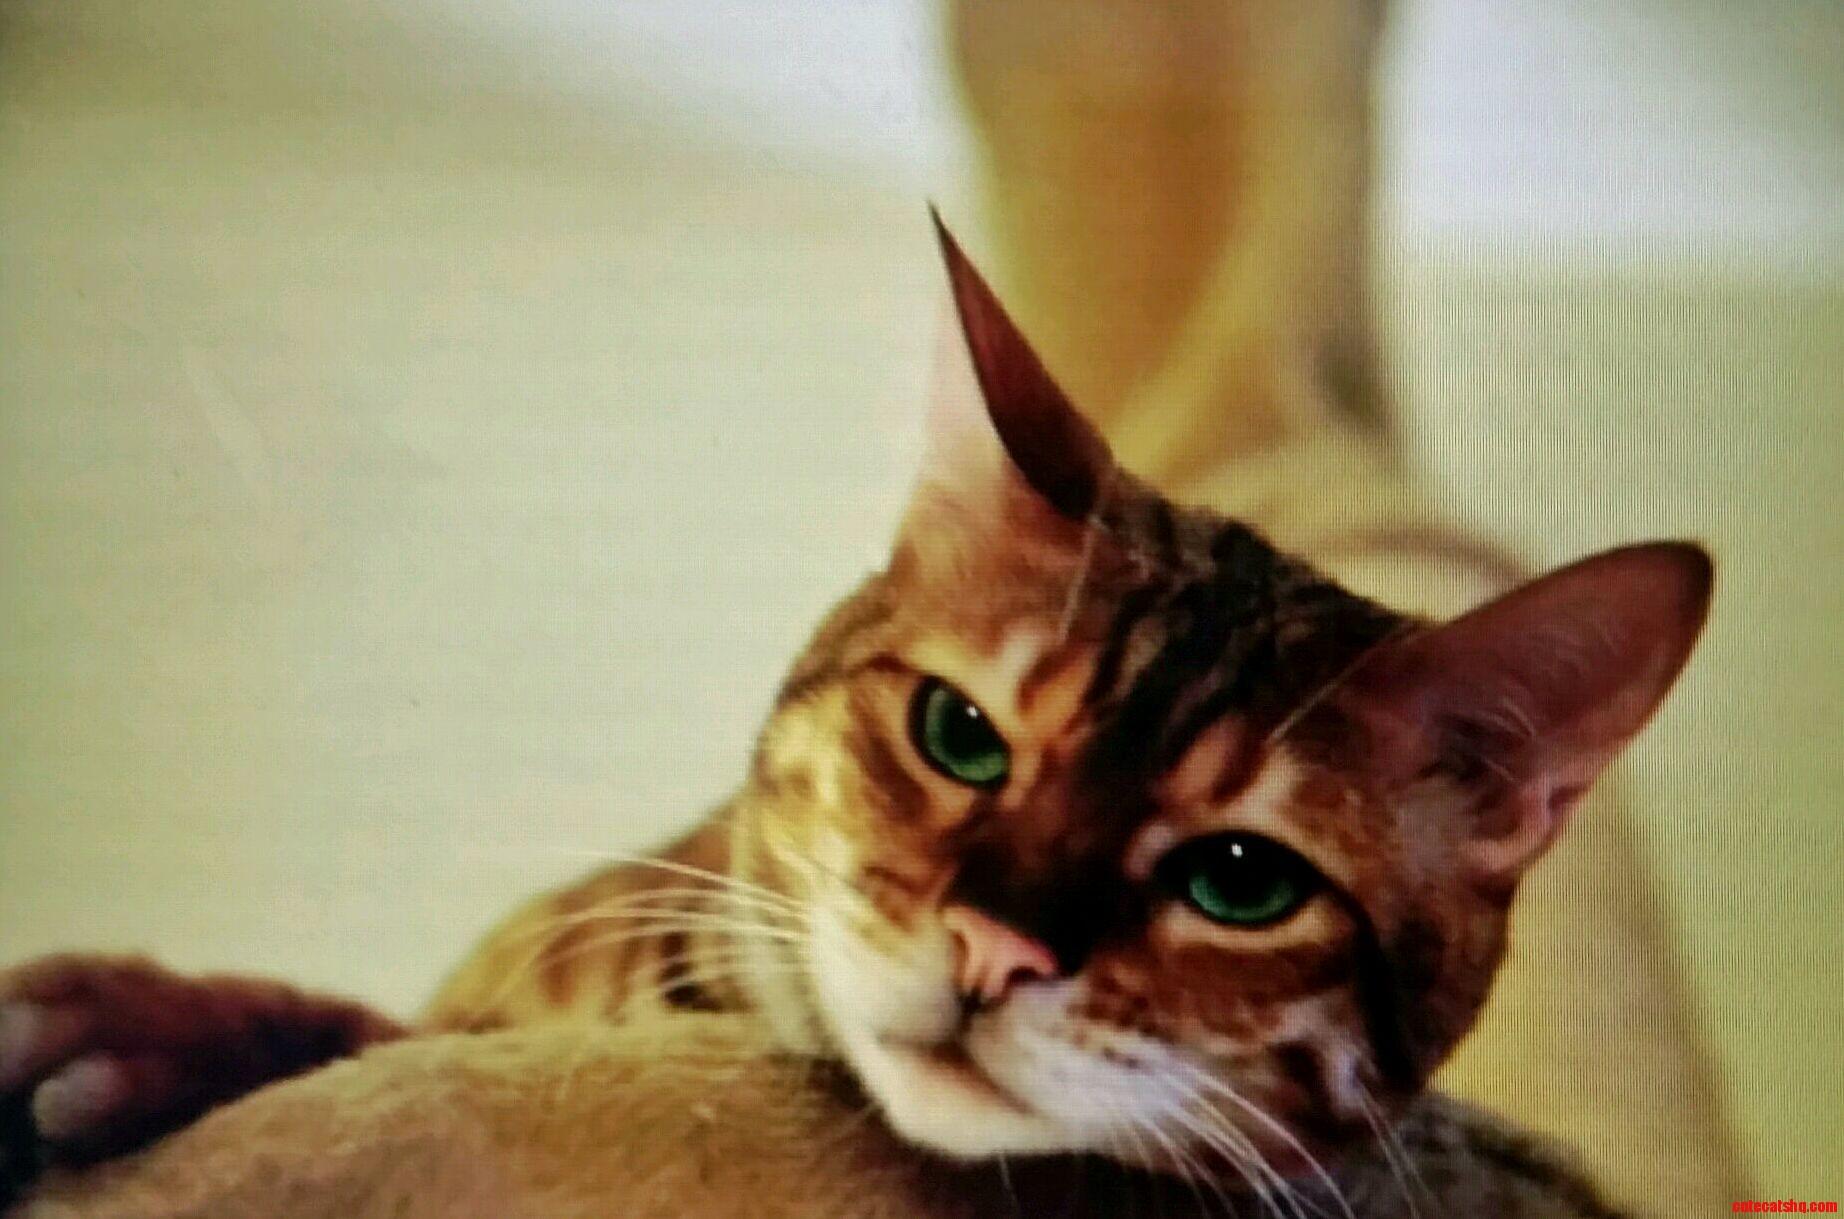 Disinterested cat